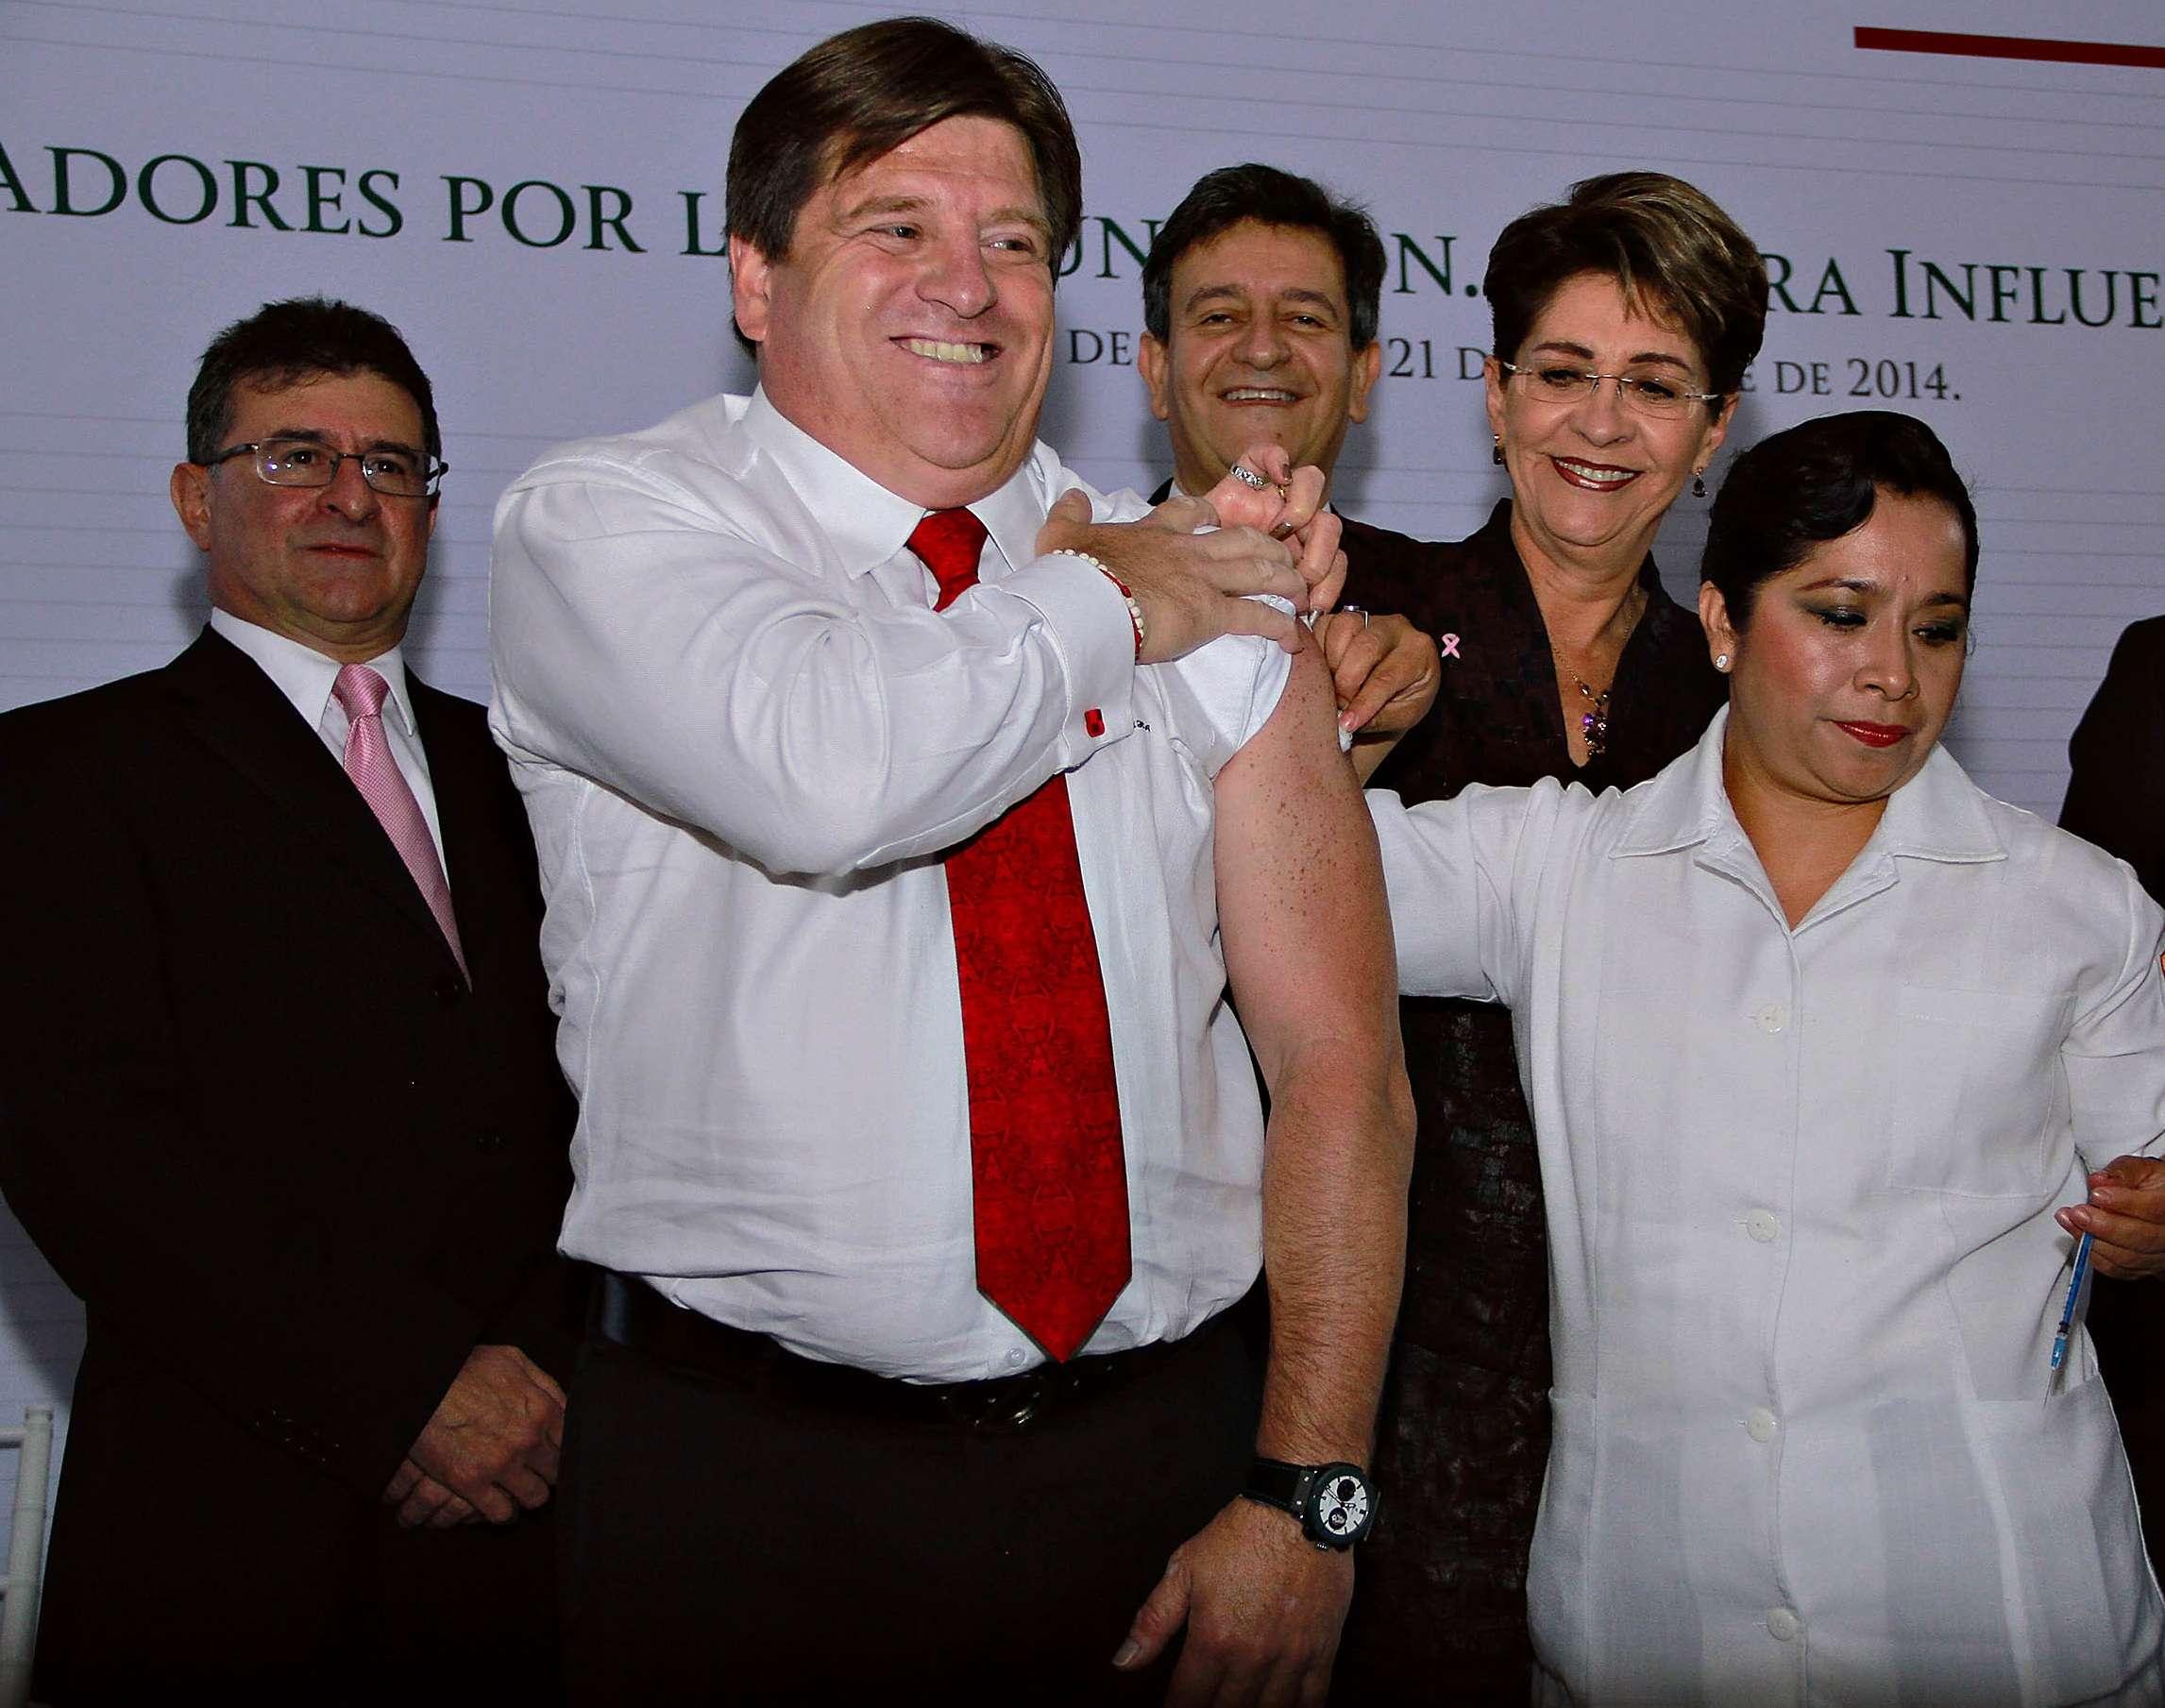 Miguel Herrera se aplicó la vacuna contra la influenza estacionaria. Foto: Imago7